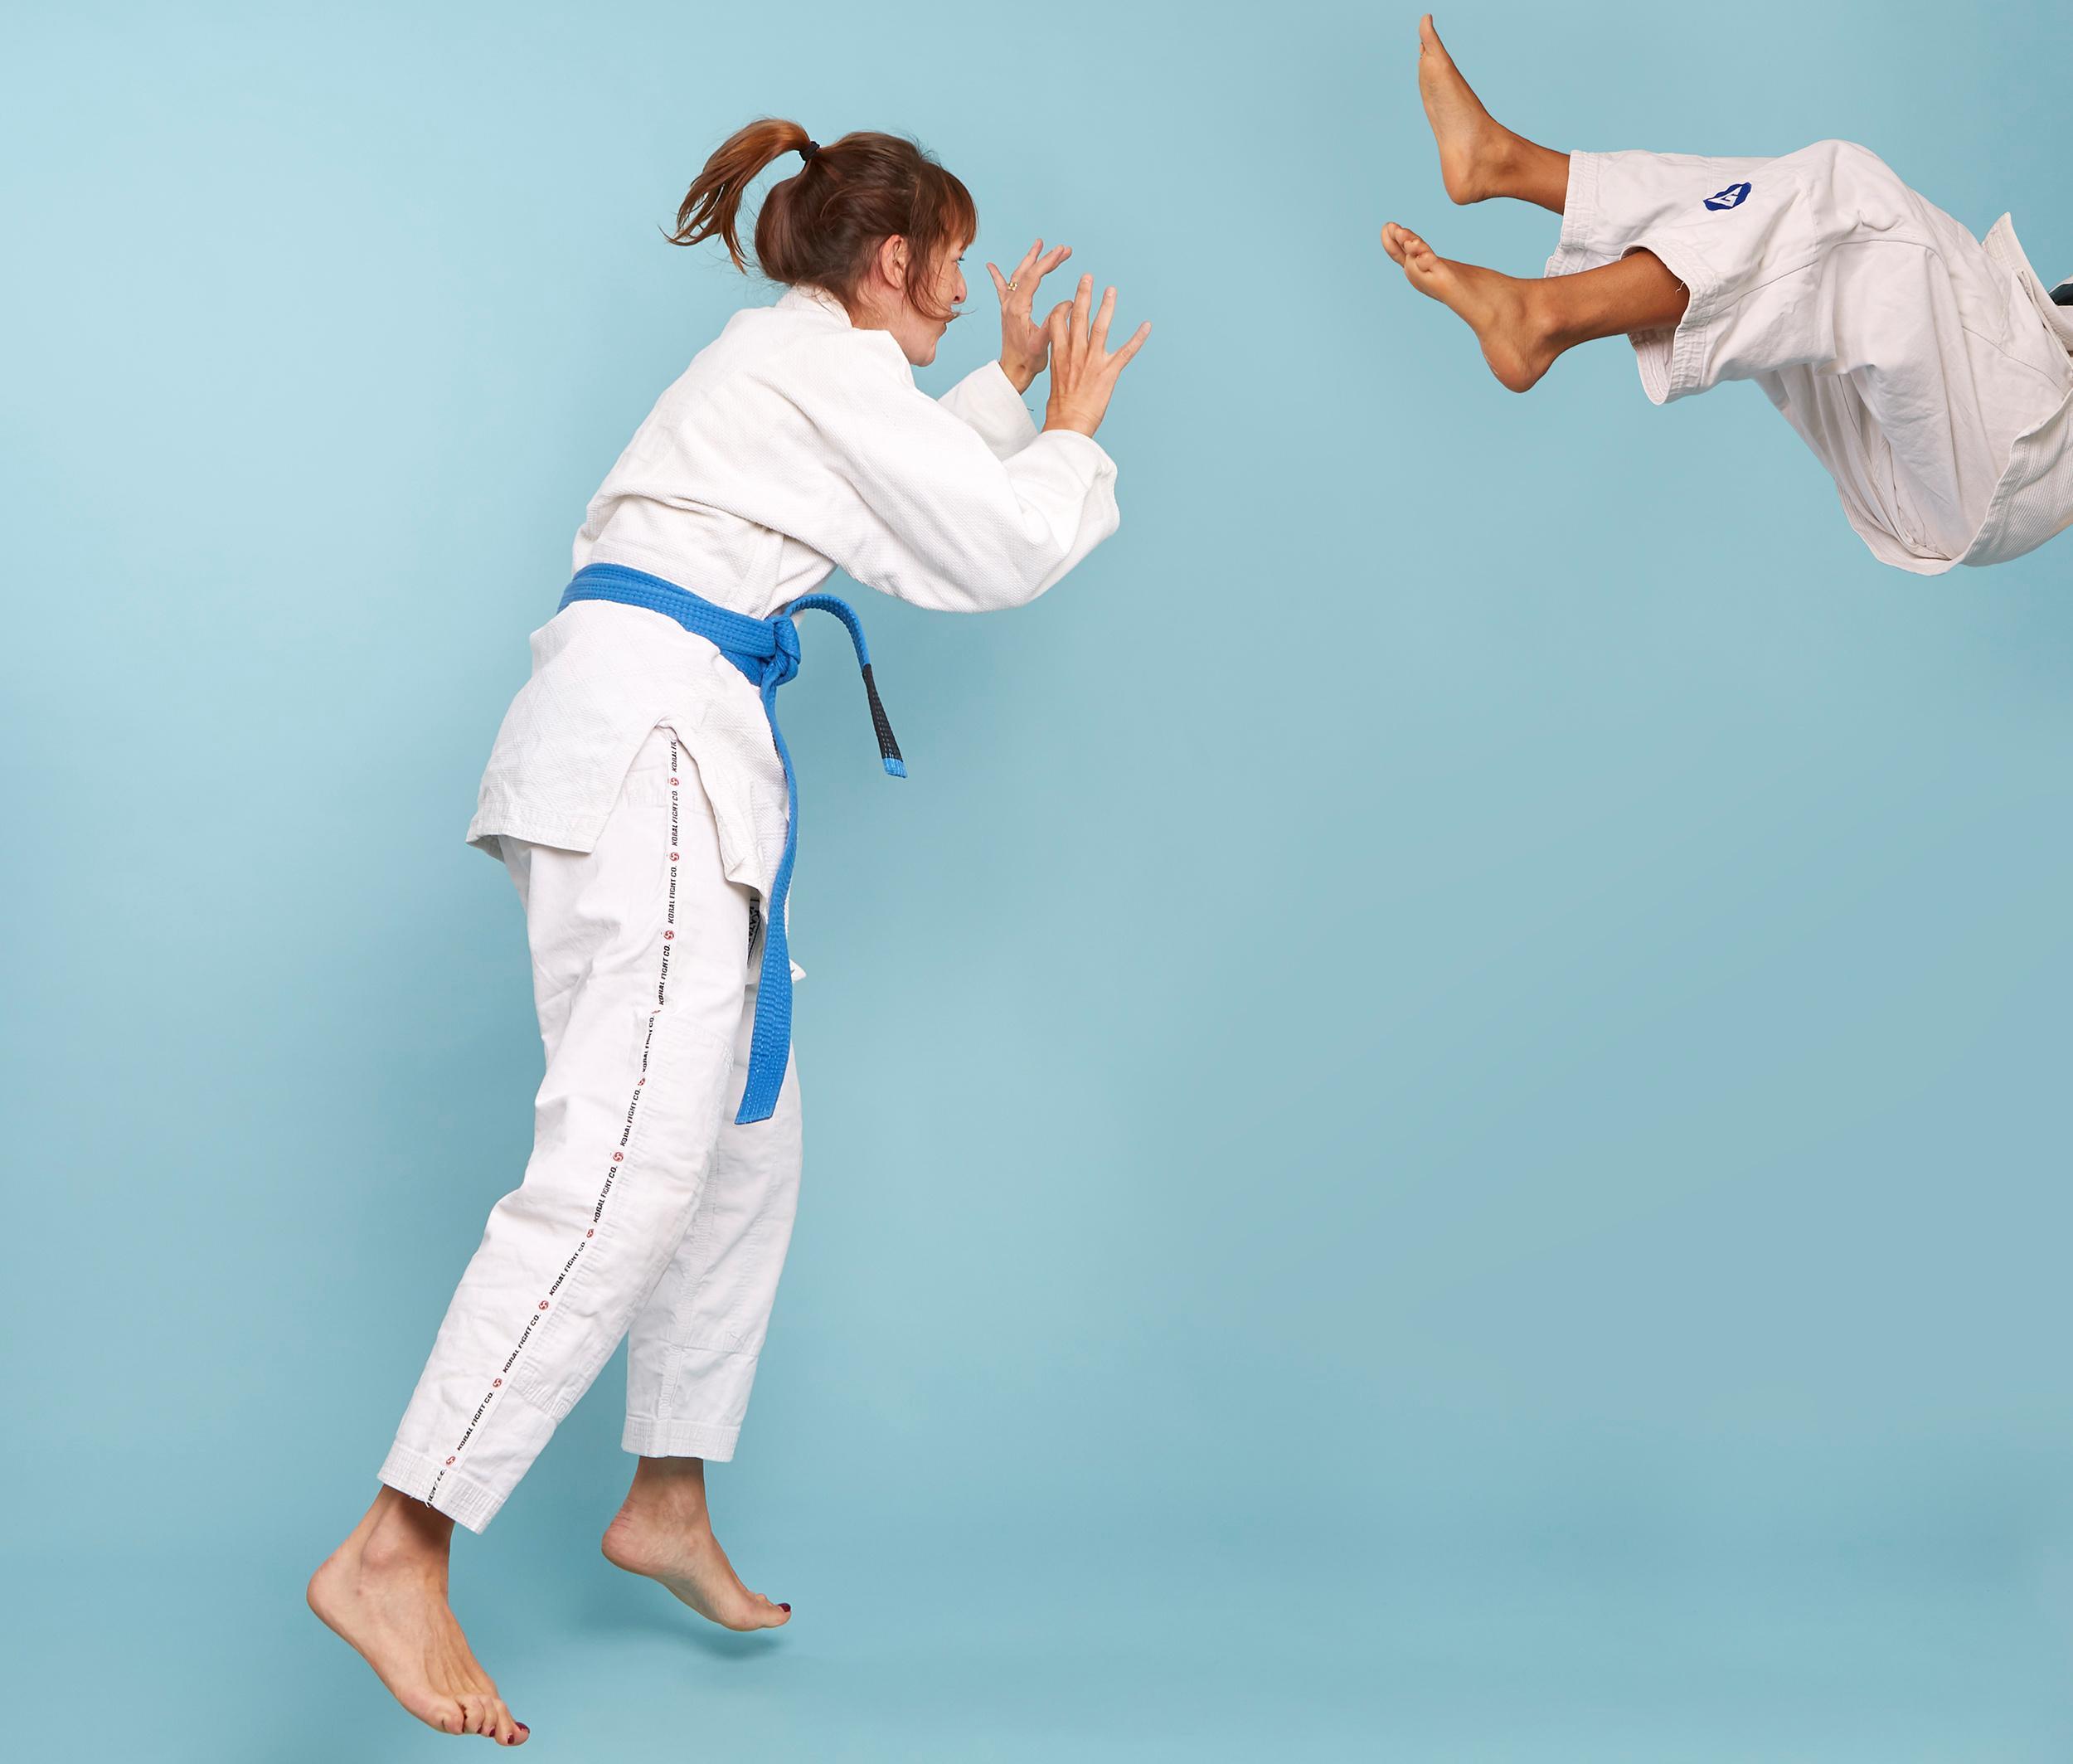 Fit in my 40s: will Brazilian jiu-jitsu give me a body like Hercules?